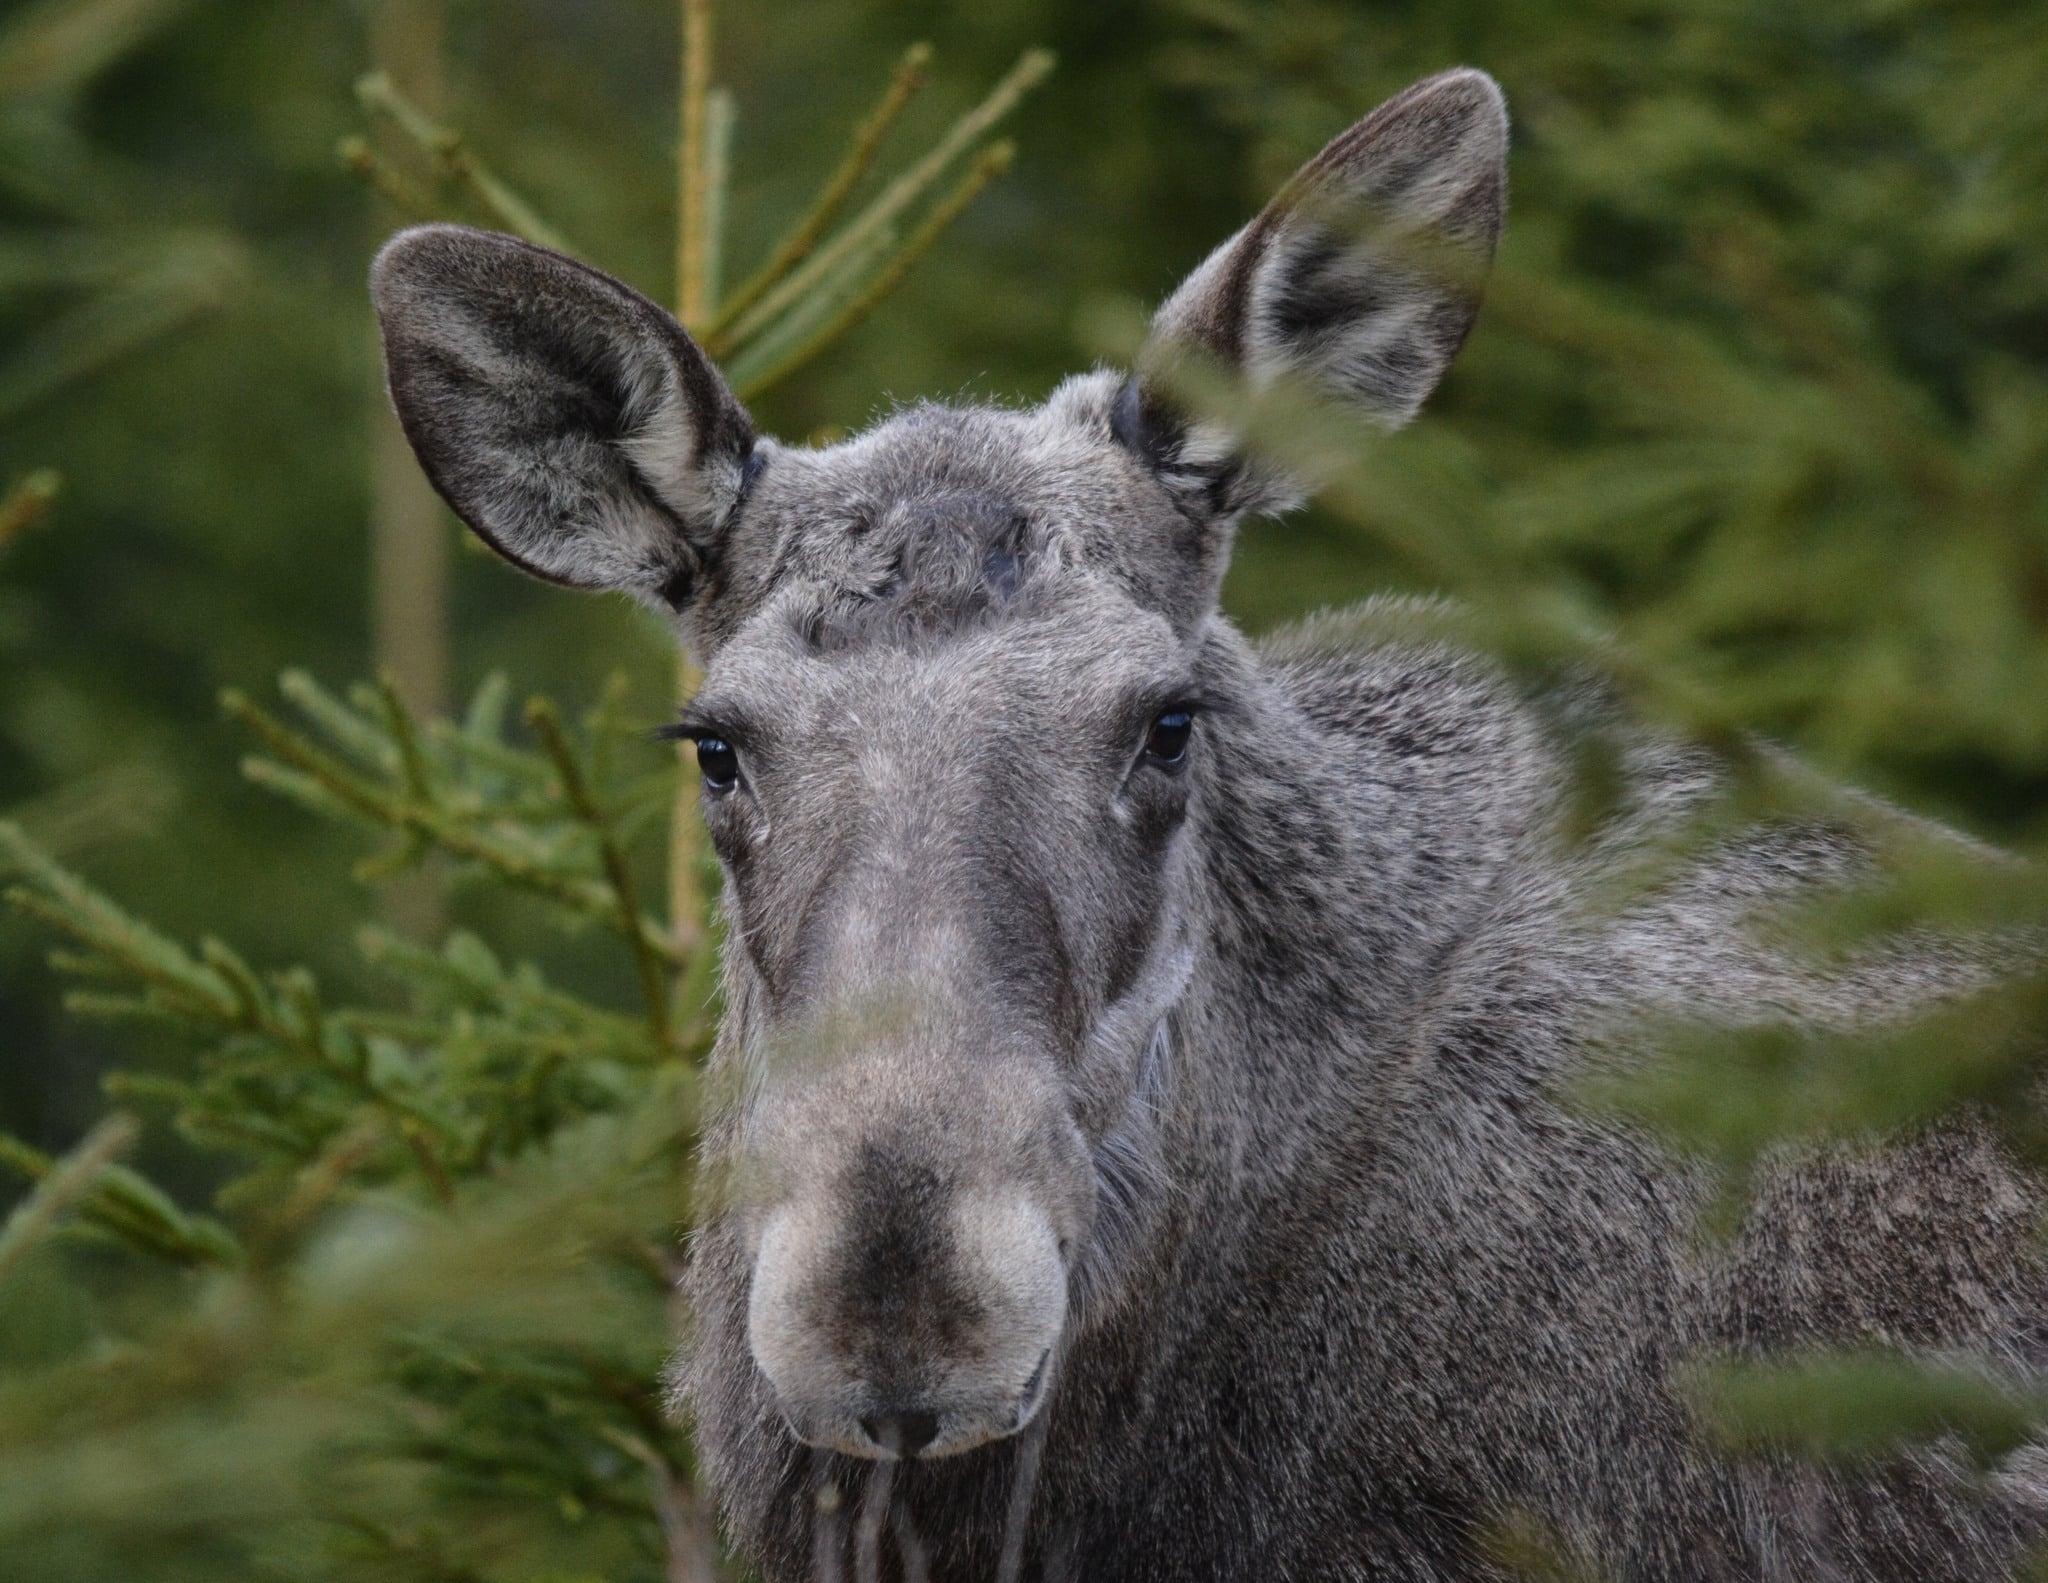 Naturvårdsverket anser att det är angeläget att minska betesskadorna i skogen.